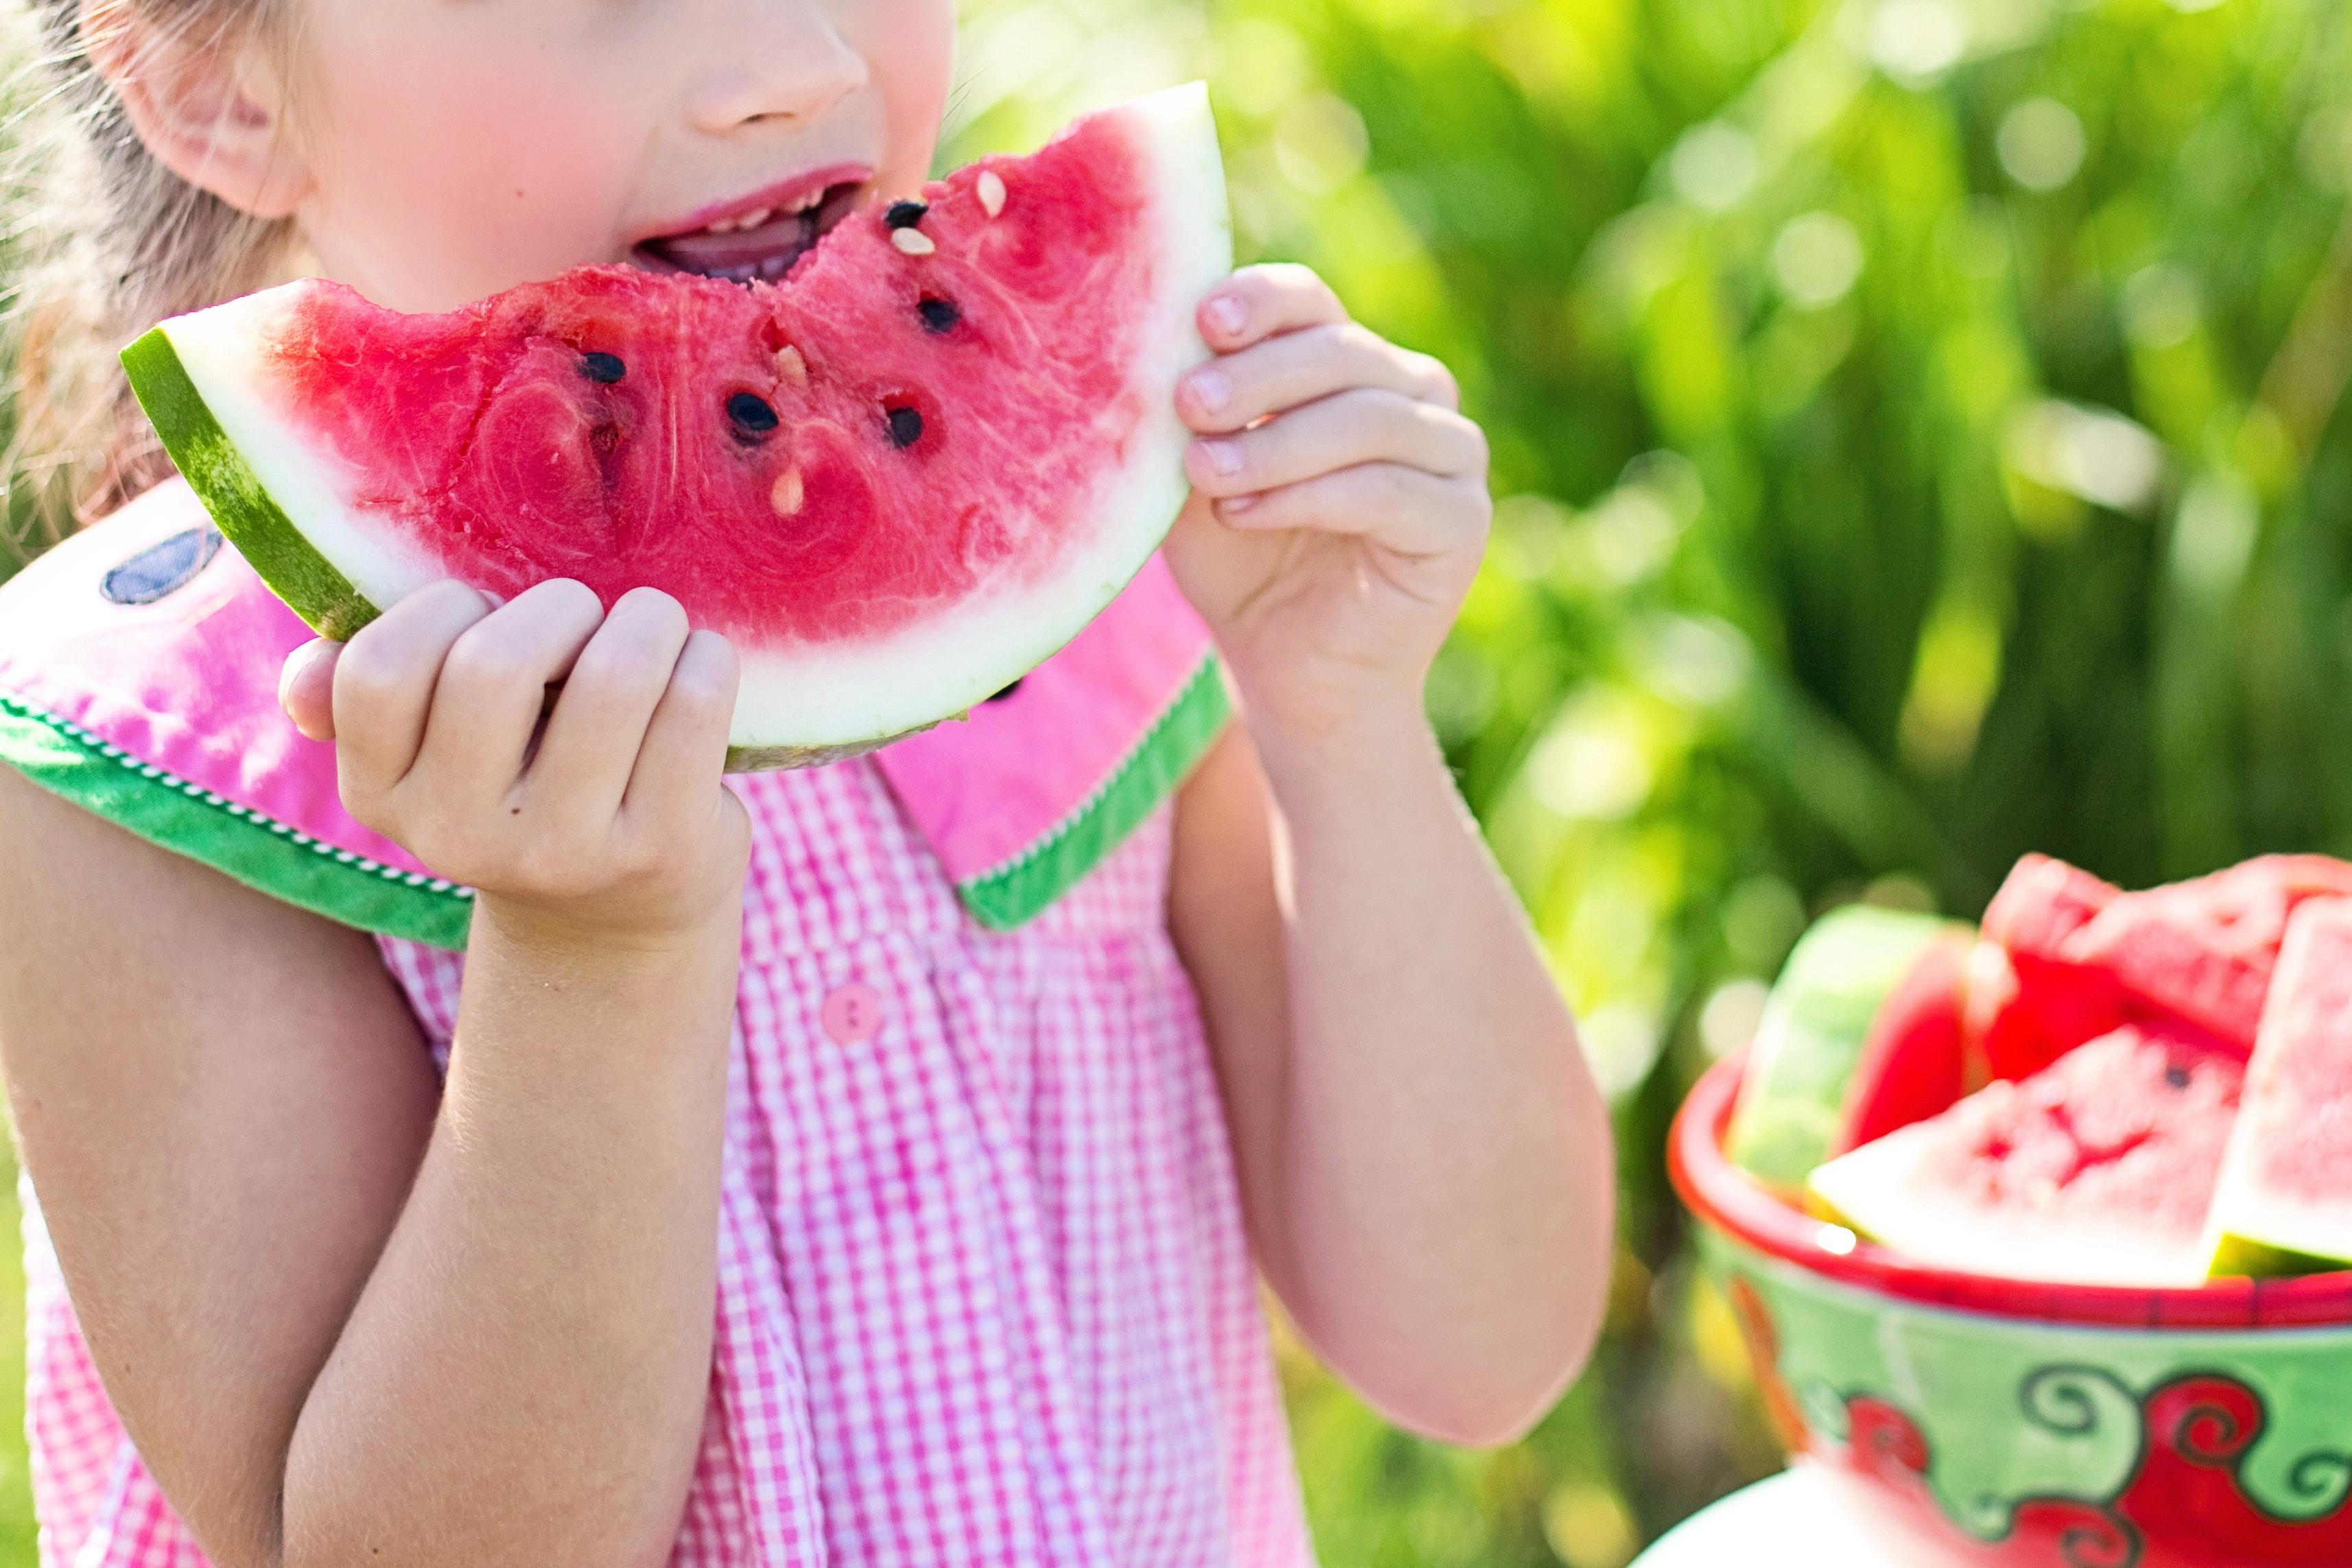 Alimentação infantil: quando é hora de procurar um nutricionista